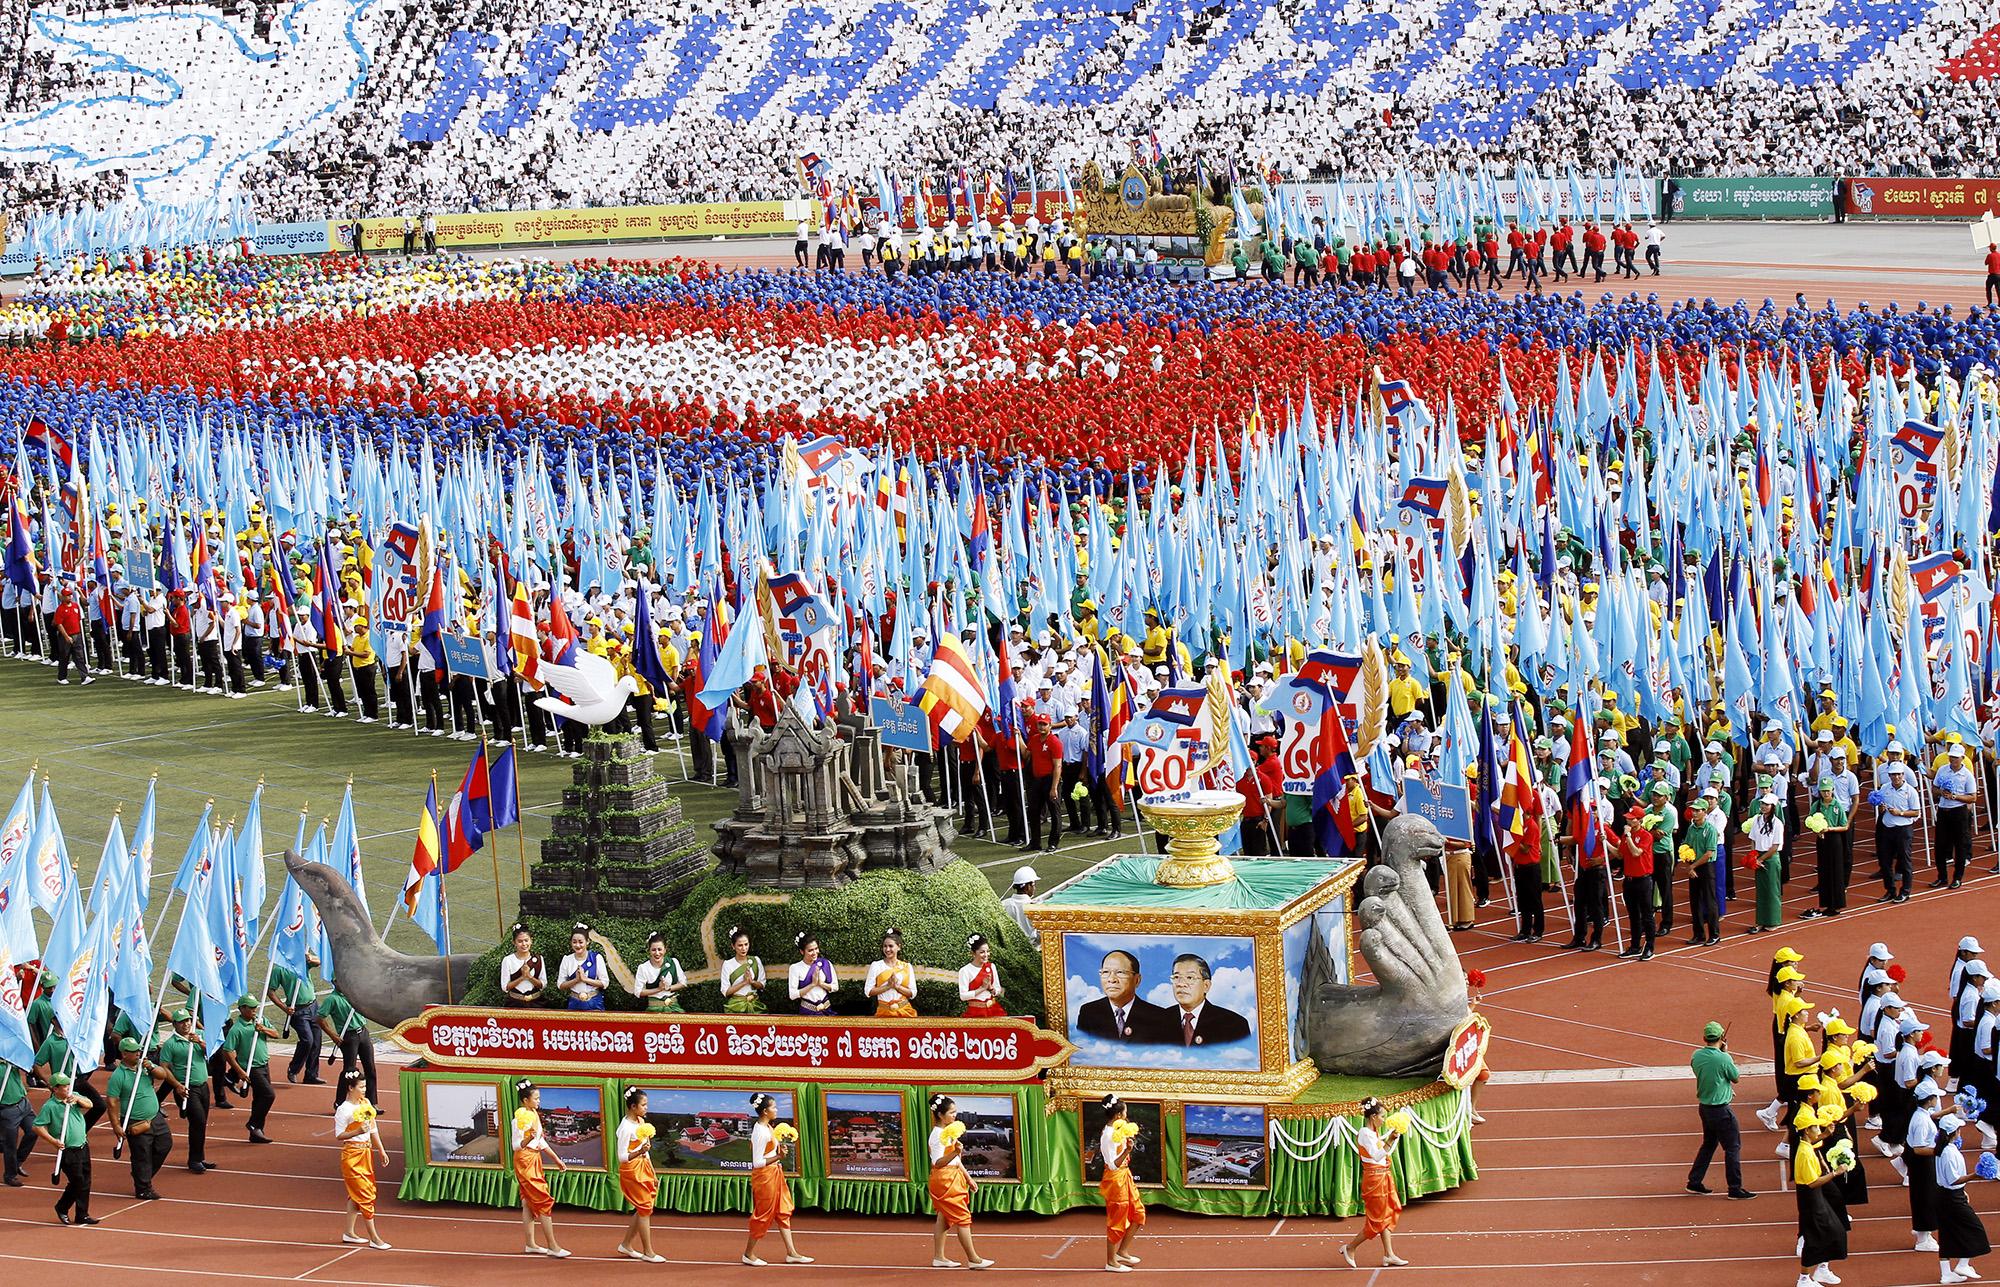 Камбоджийцы напараде победы вНациональном олимпийском стадионе вПномпене, Камбоджа. Вэтом году страна отмечает 40-летний юбилей со дня освобождения откровавого режима Красных кхмеров в1979 году, 7 января 2019